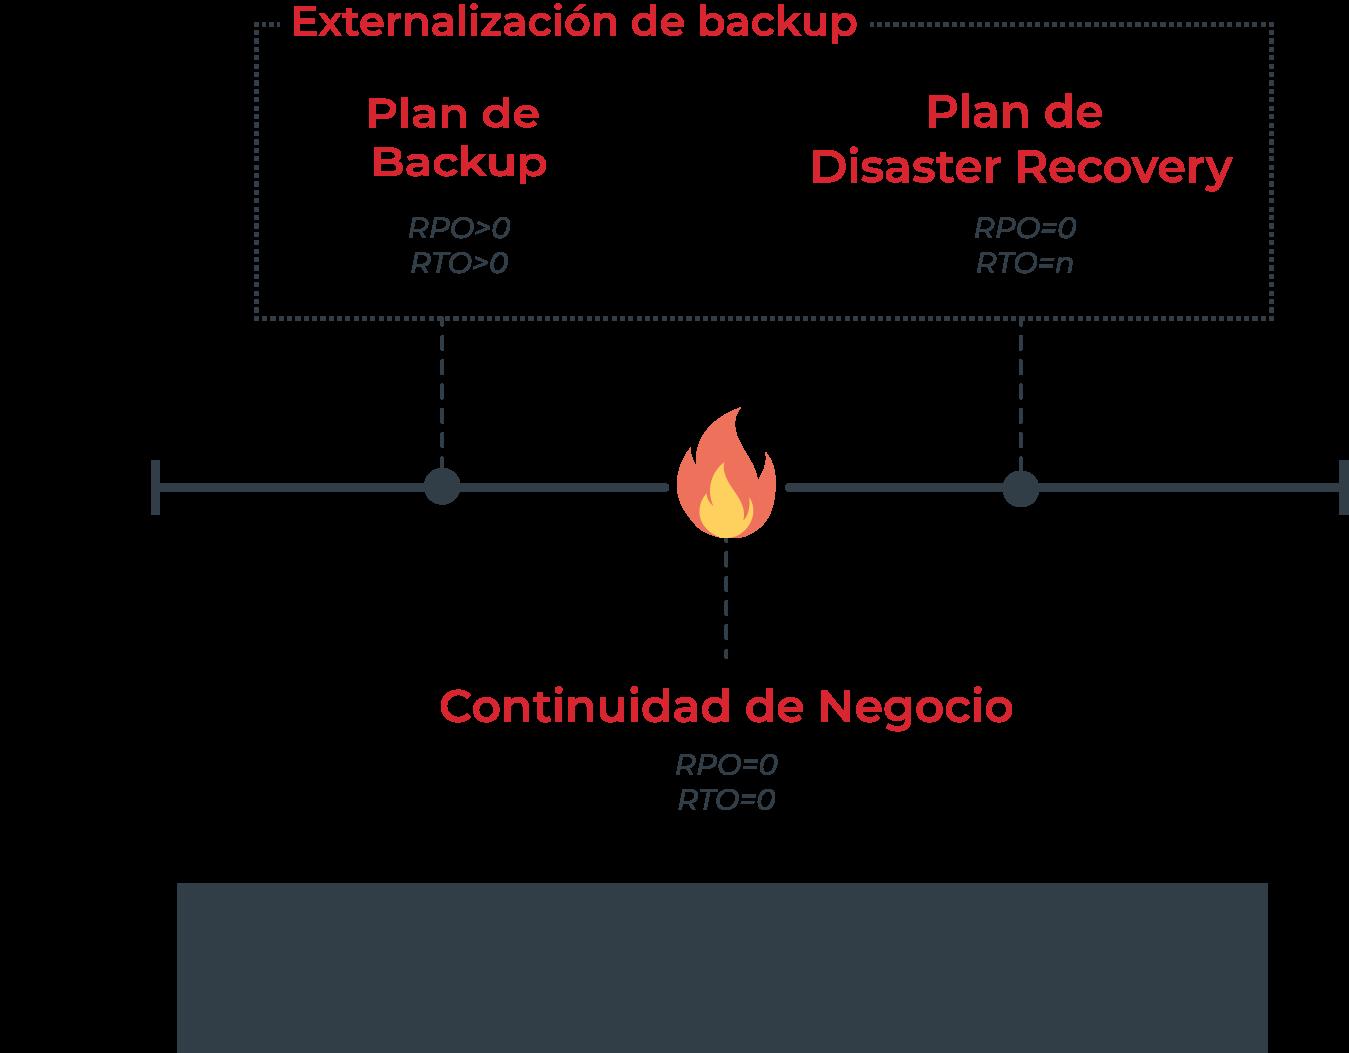 plancontingencia externalizacionbackup 2 - Externalización de Backup